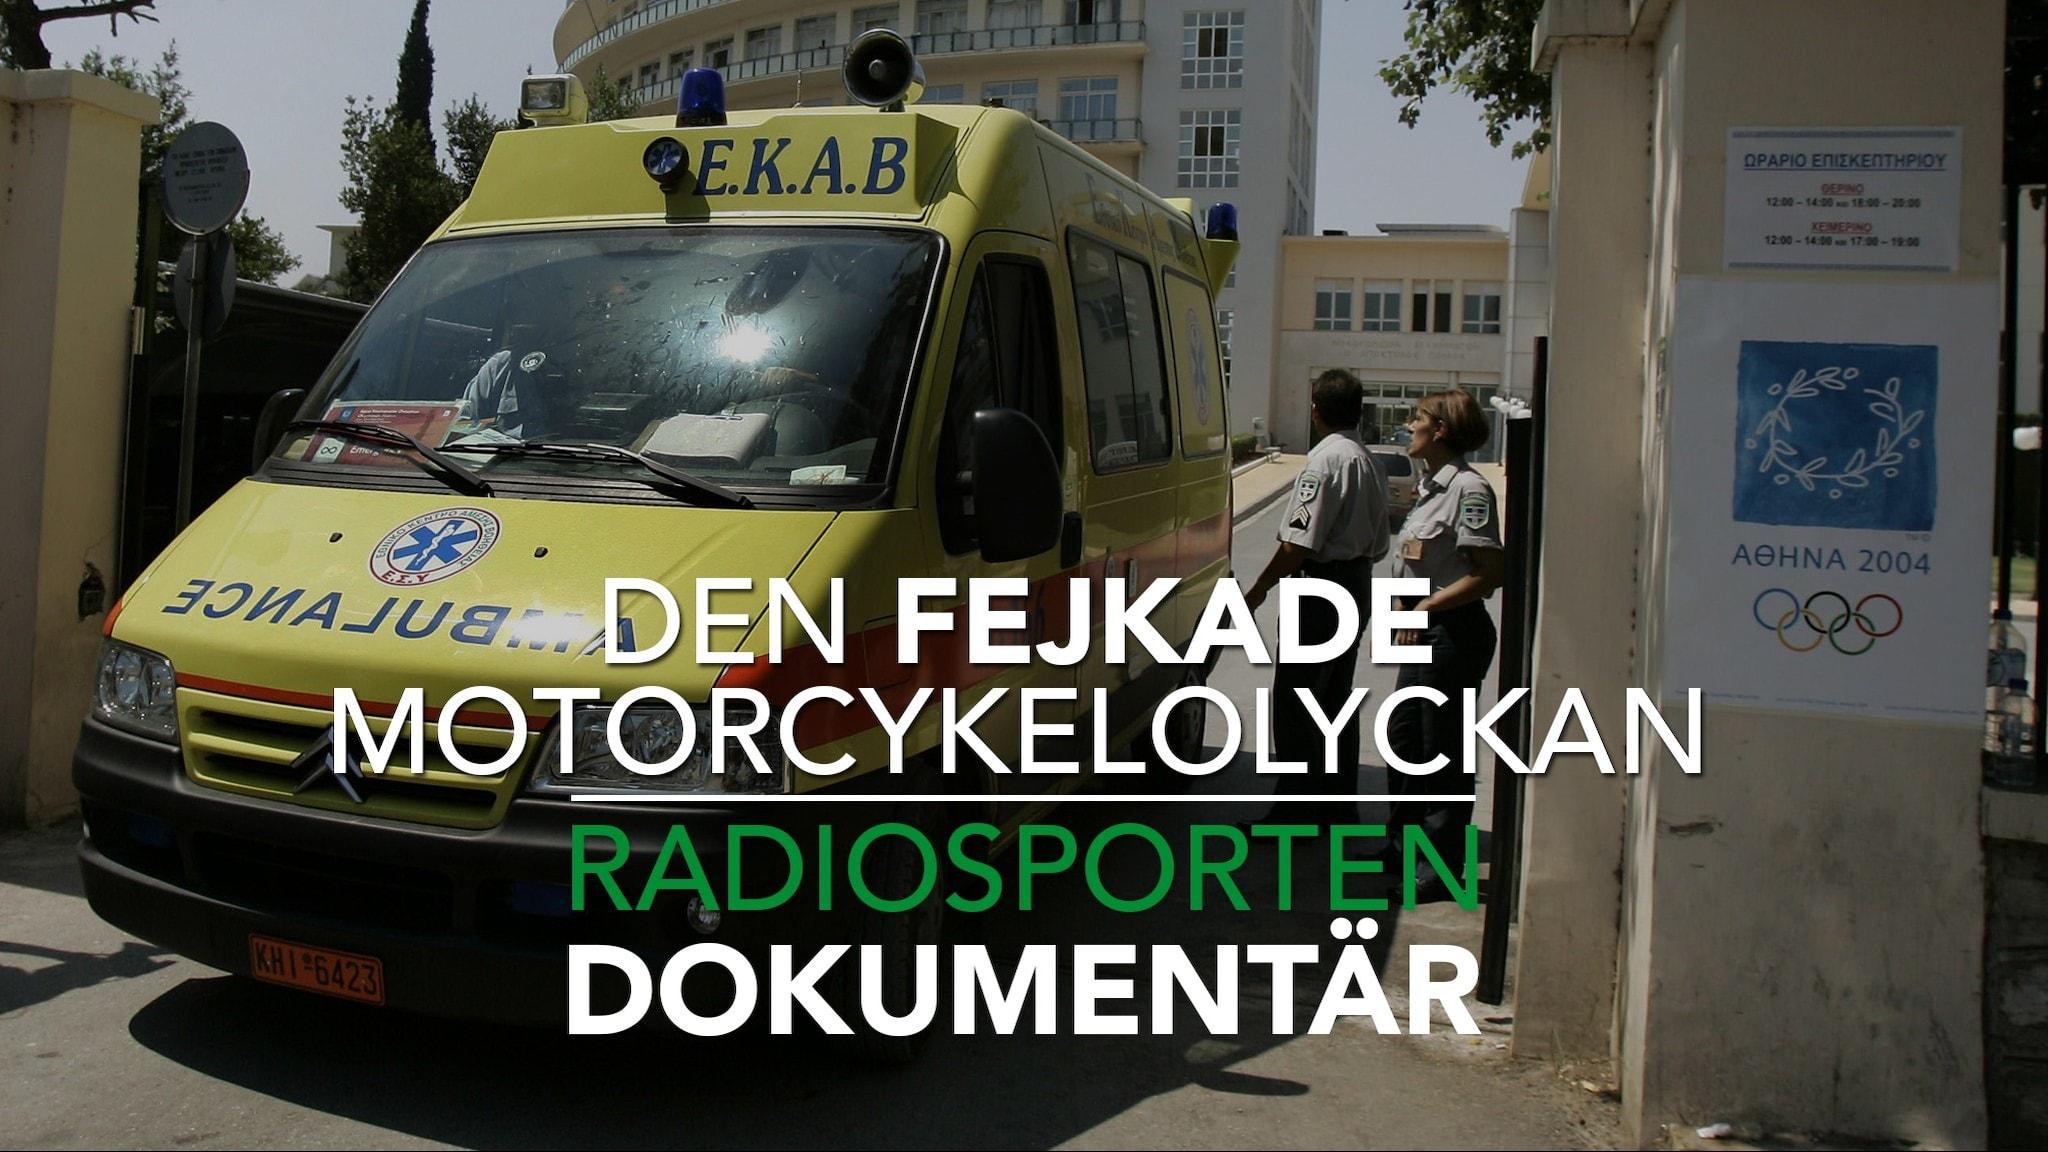 Radiosporten dokumentär - den fejkade mcolyckan